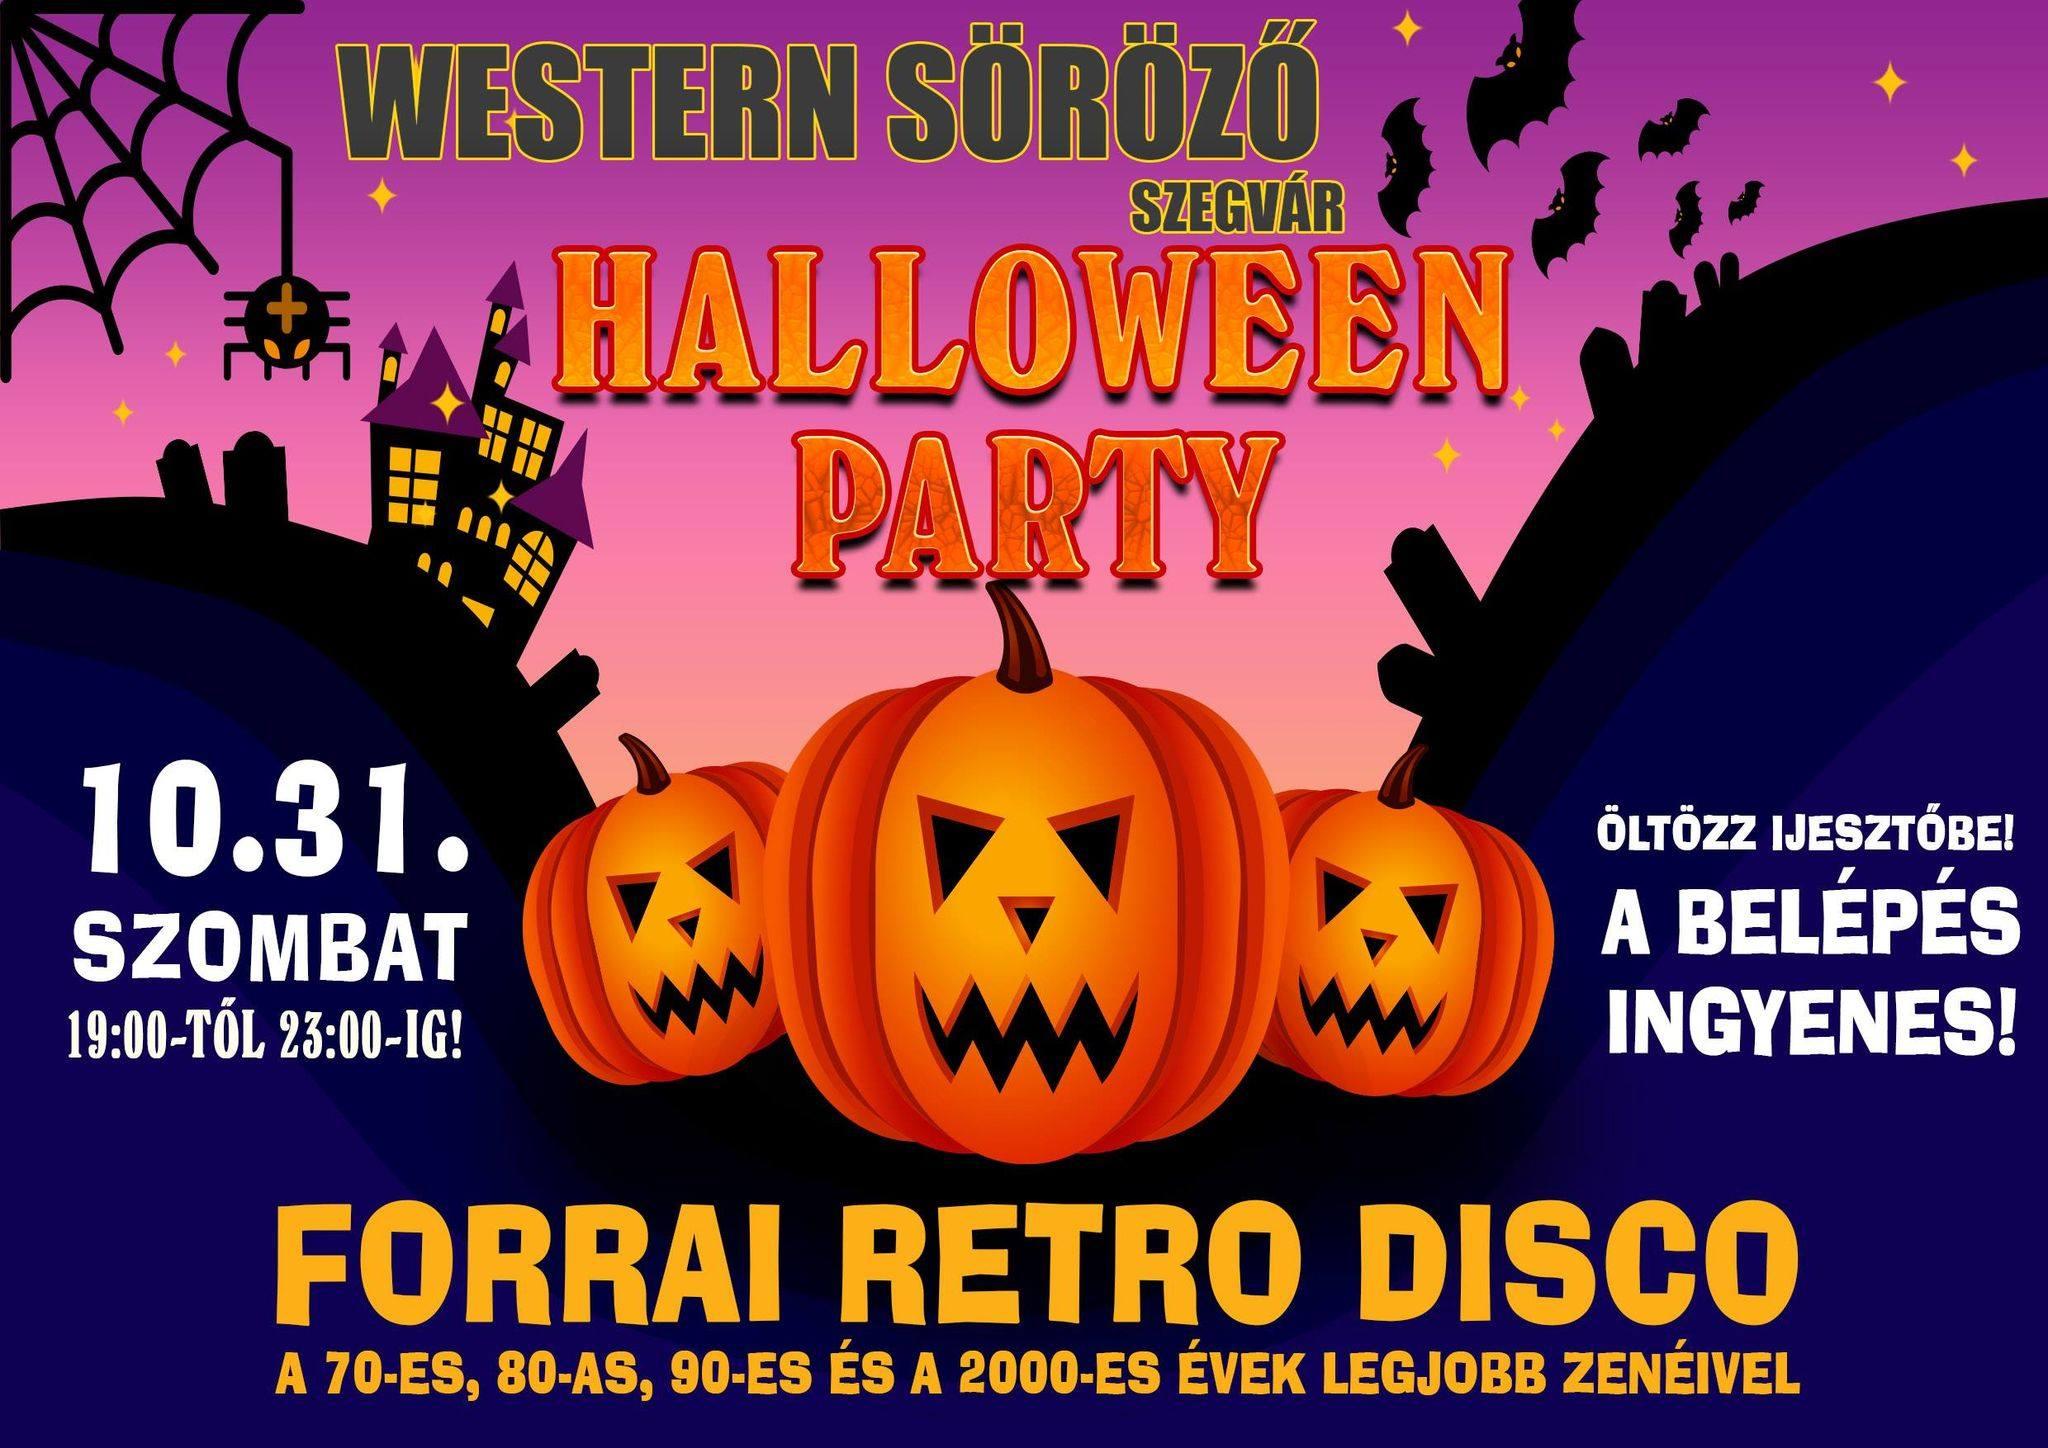 Halloween parti a Western Sörözőben